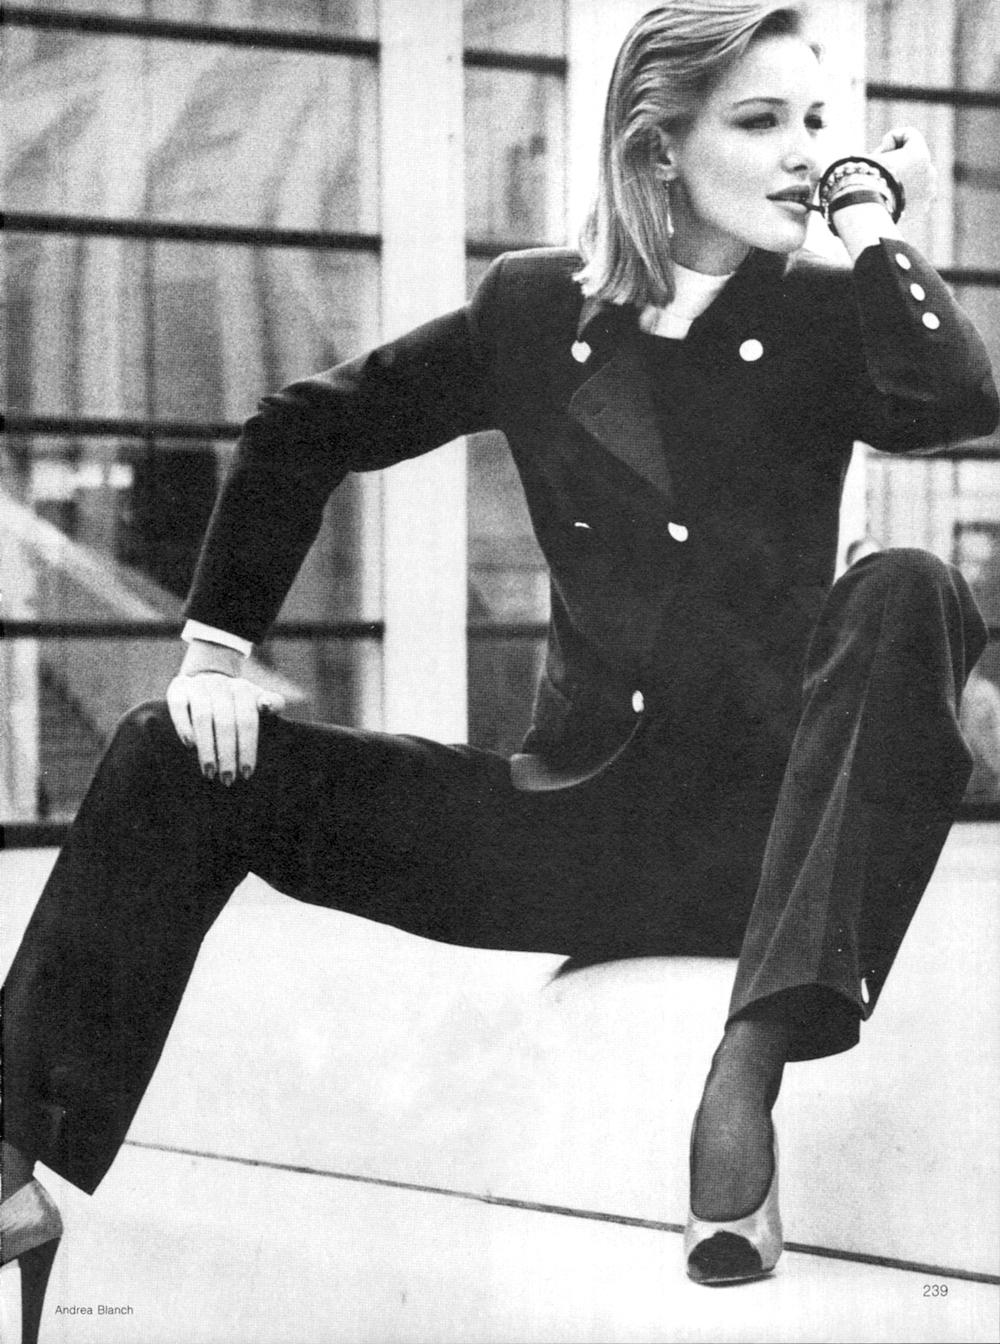 Mila Schon suit in Vogue US April 1980 (photography: Adrea Blanch)